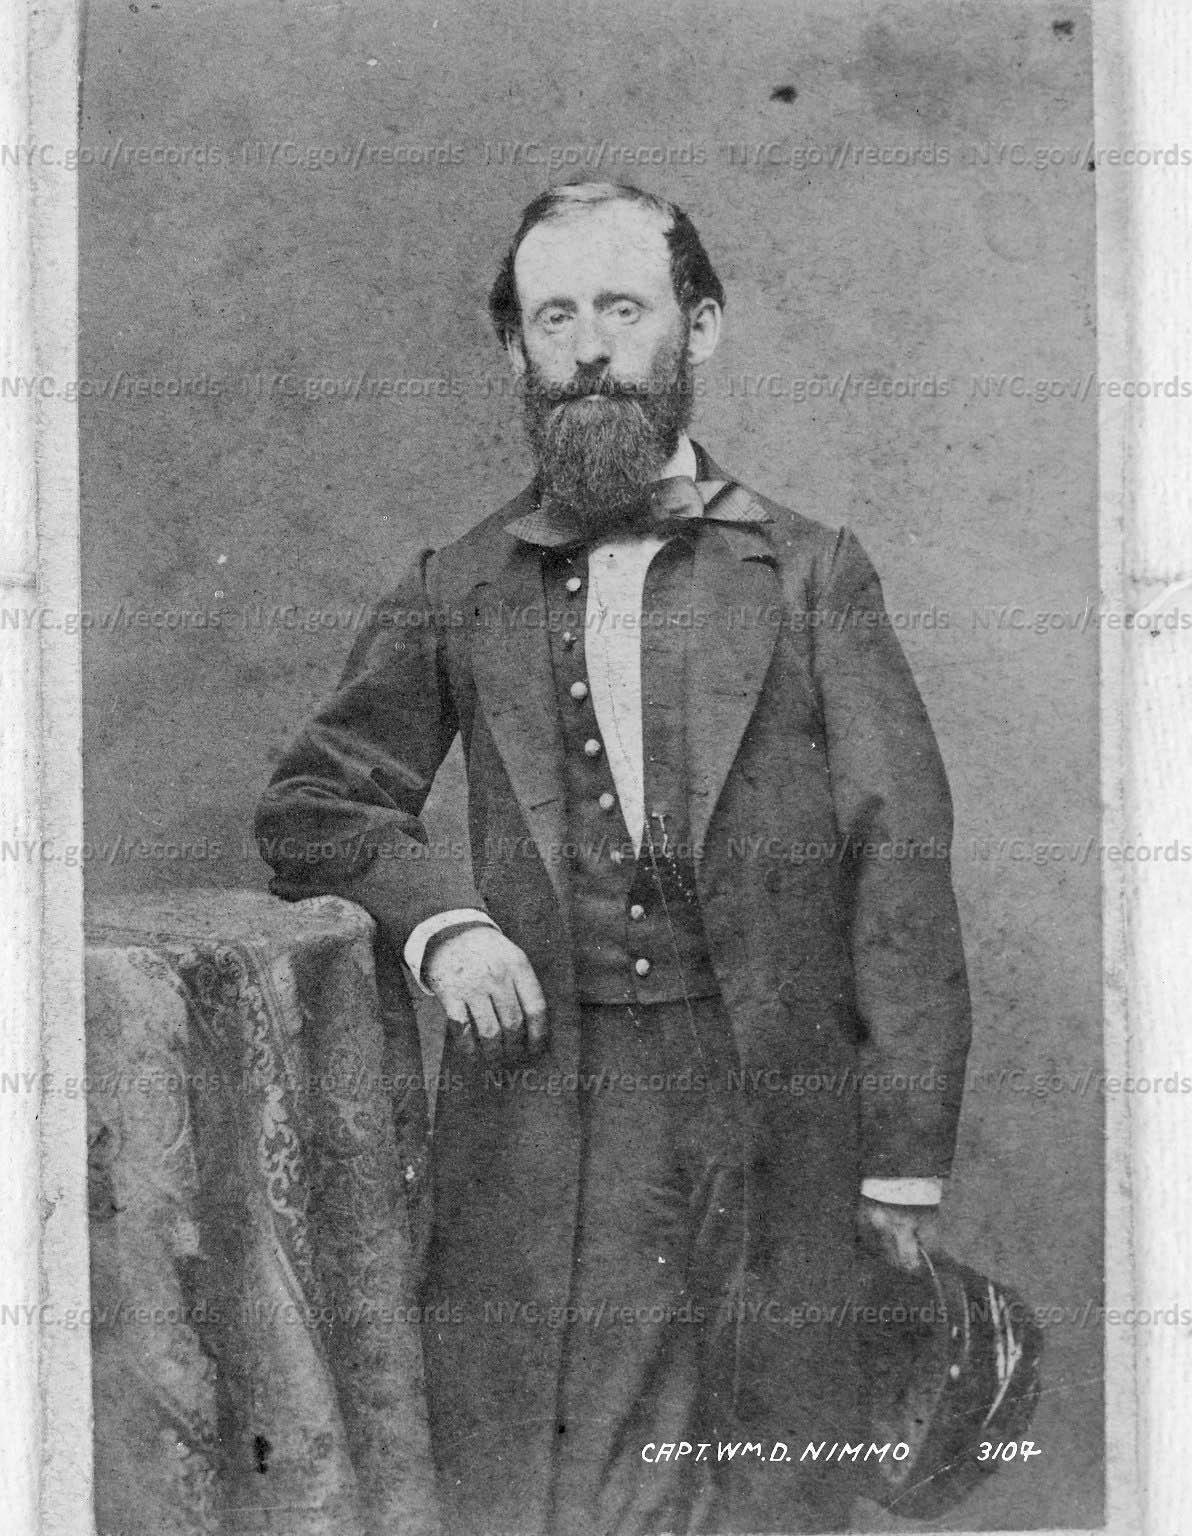 Captain William D. Nimmo